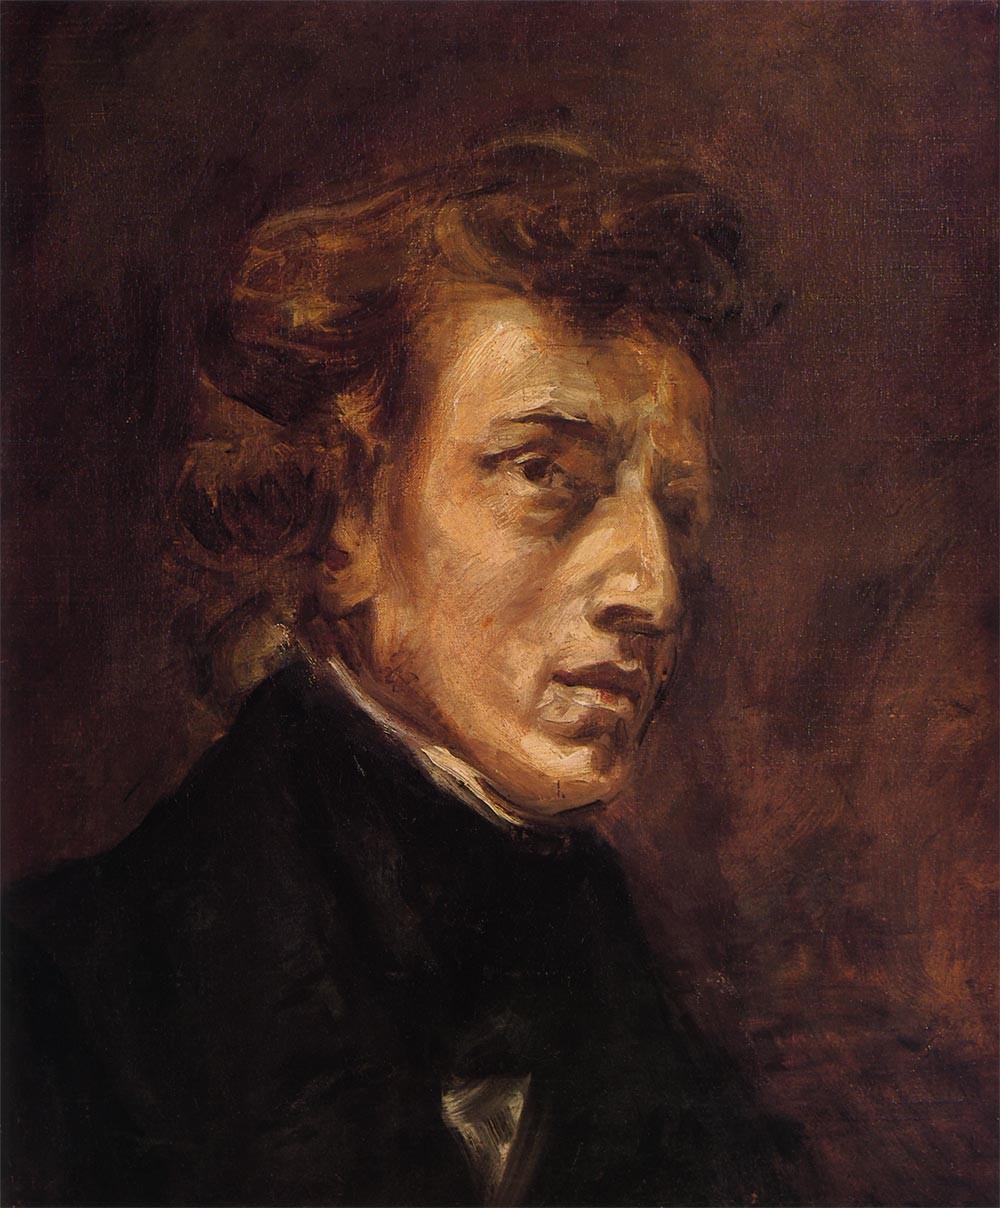 フレデリック・ショパンの肖像画